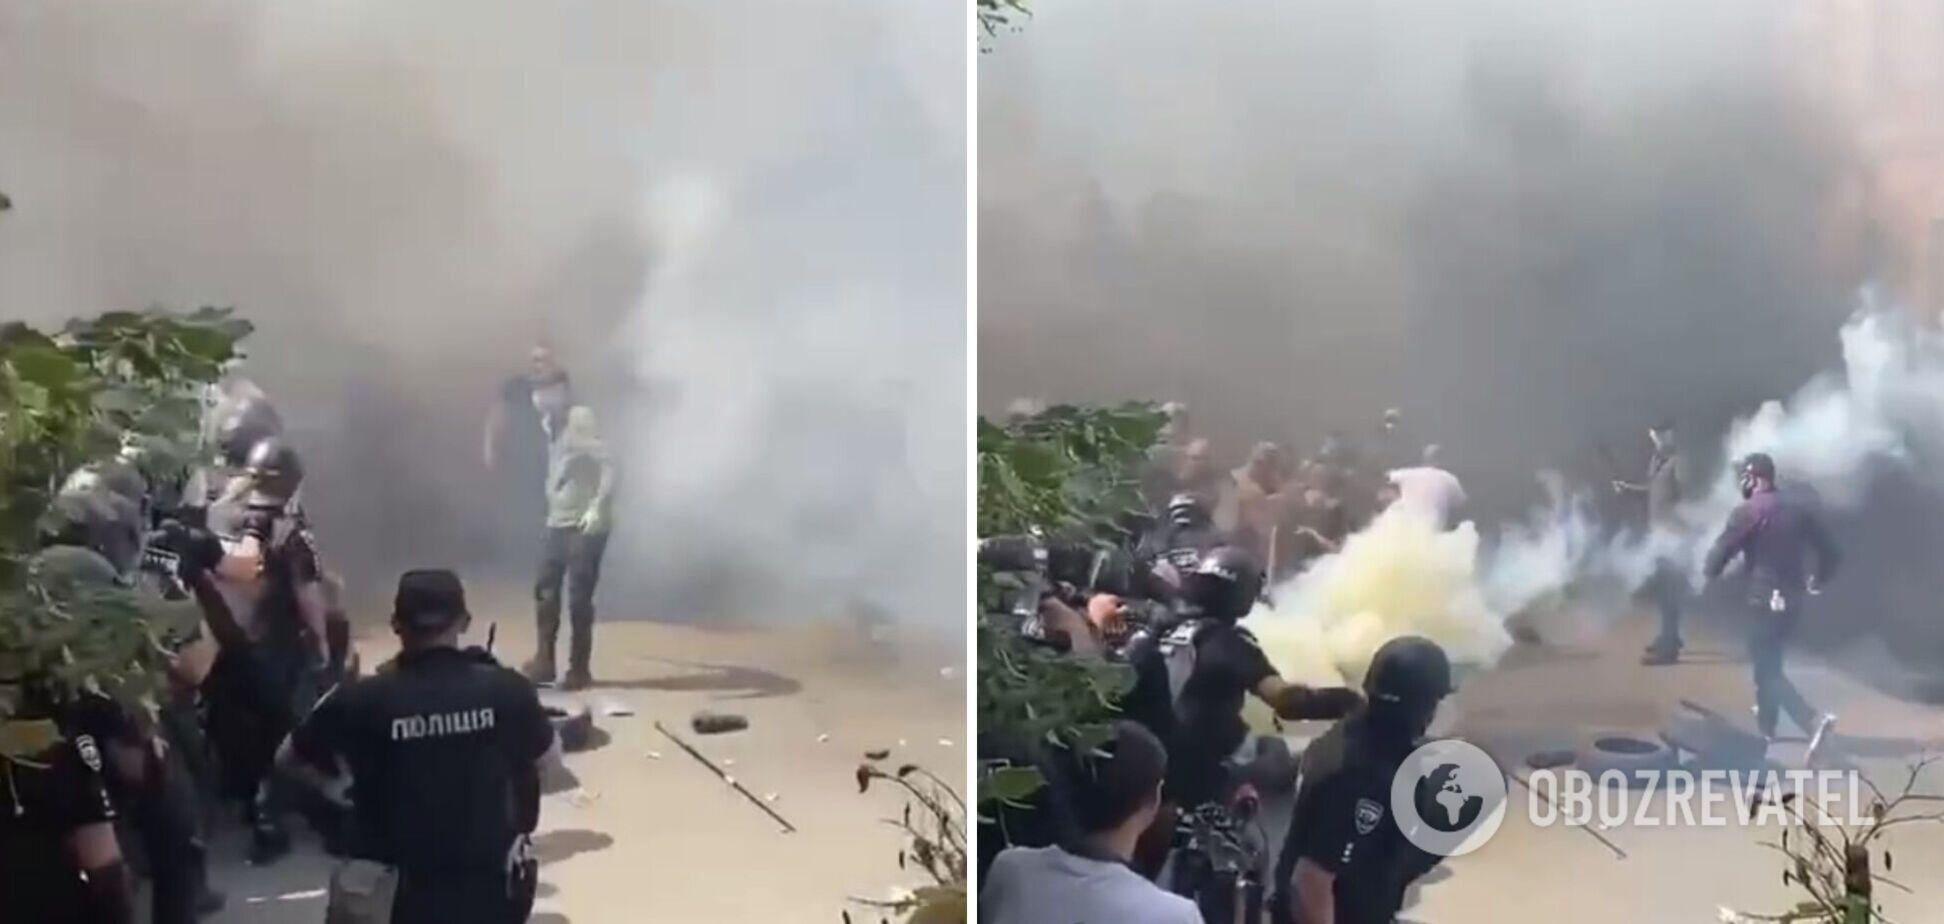 З'явилося відео зіткнень 'Нацкорпусу' з поліцією в Києві